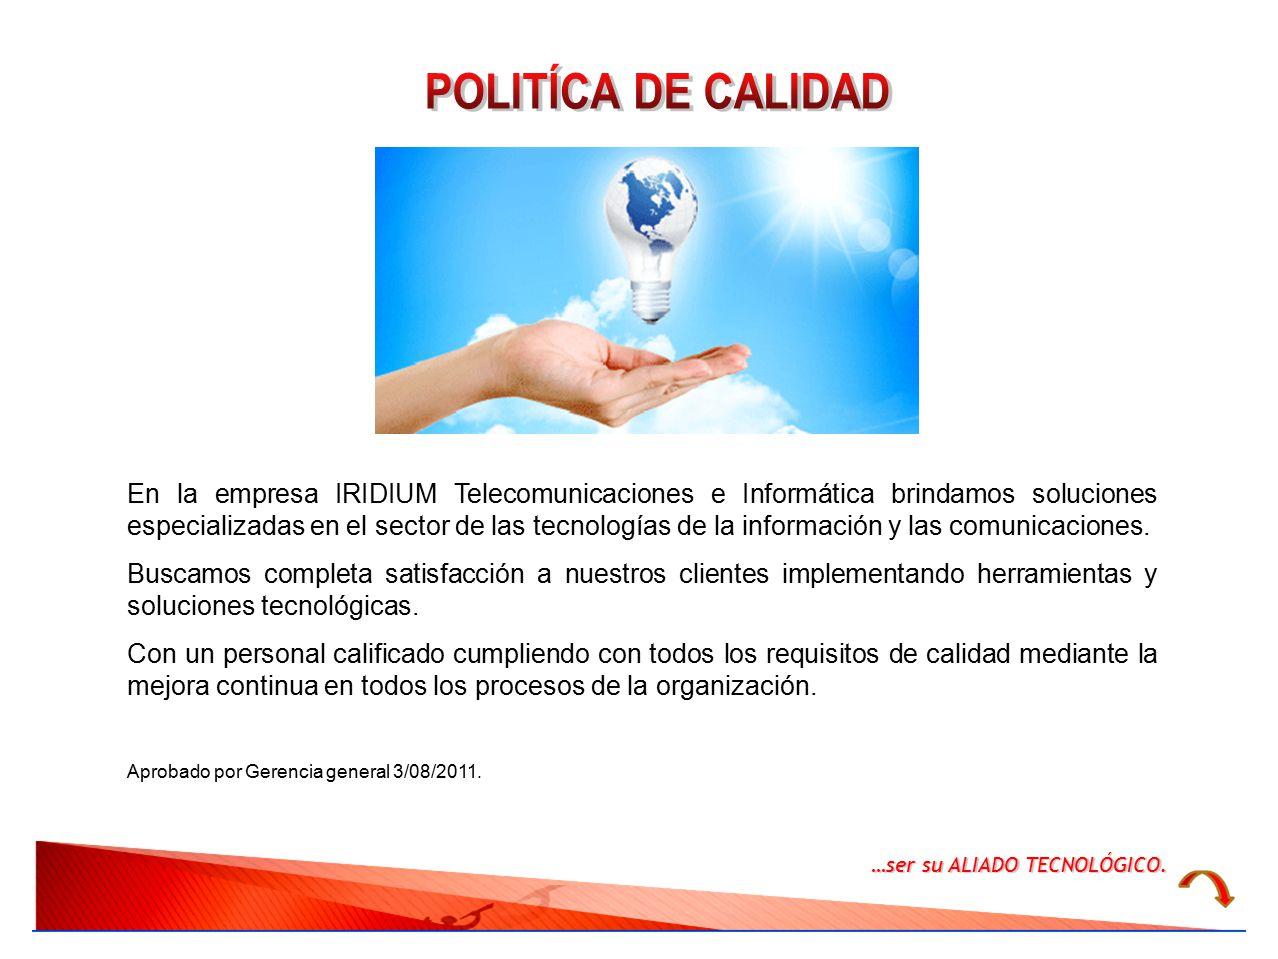 POLITÍCA DE CALIDAD